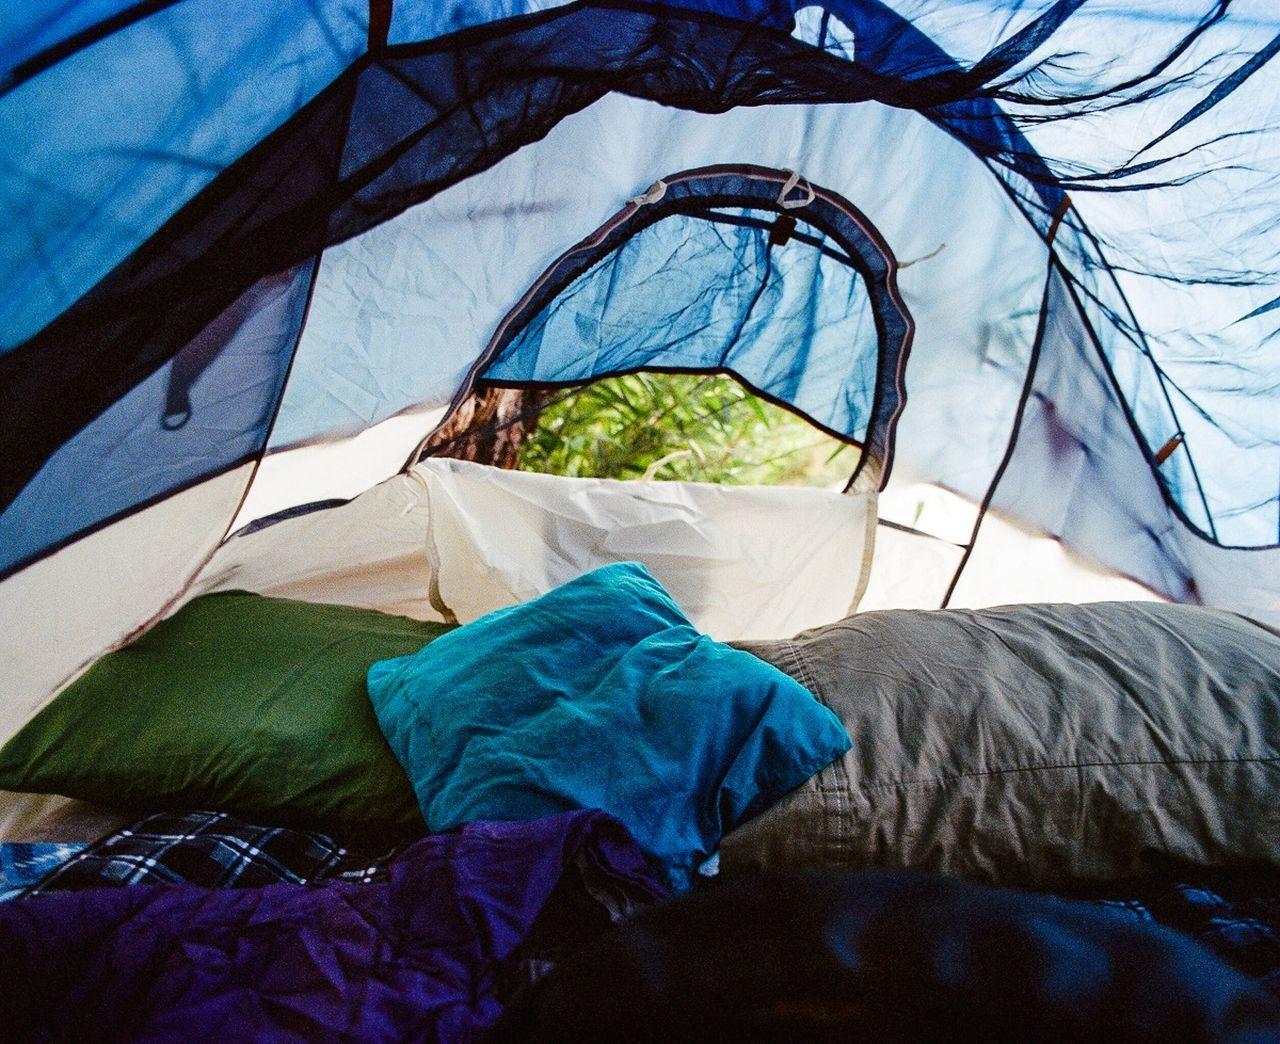 Inside in tent